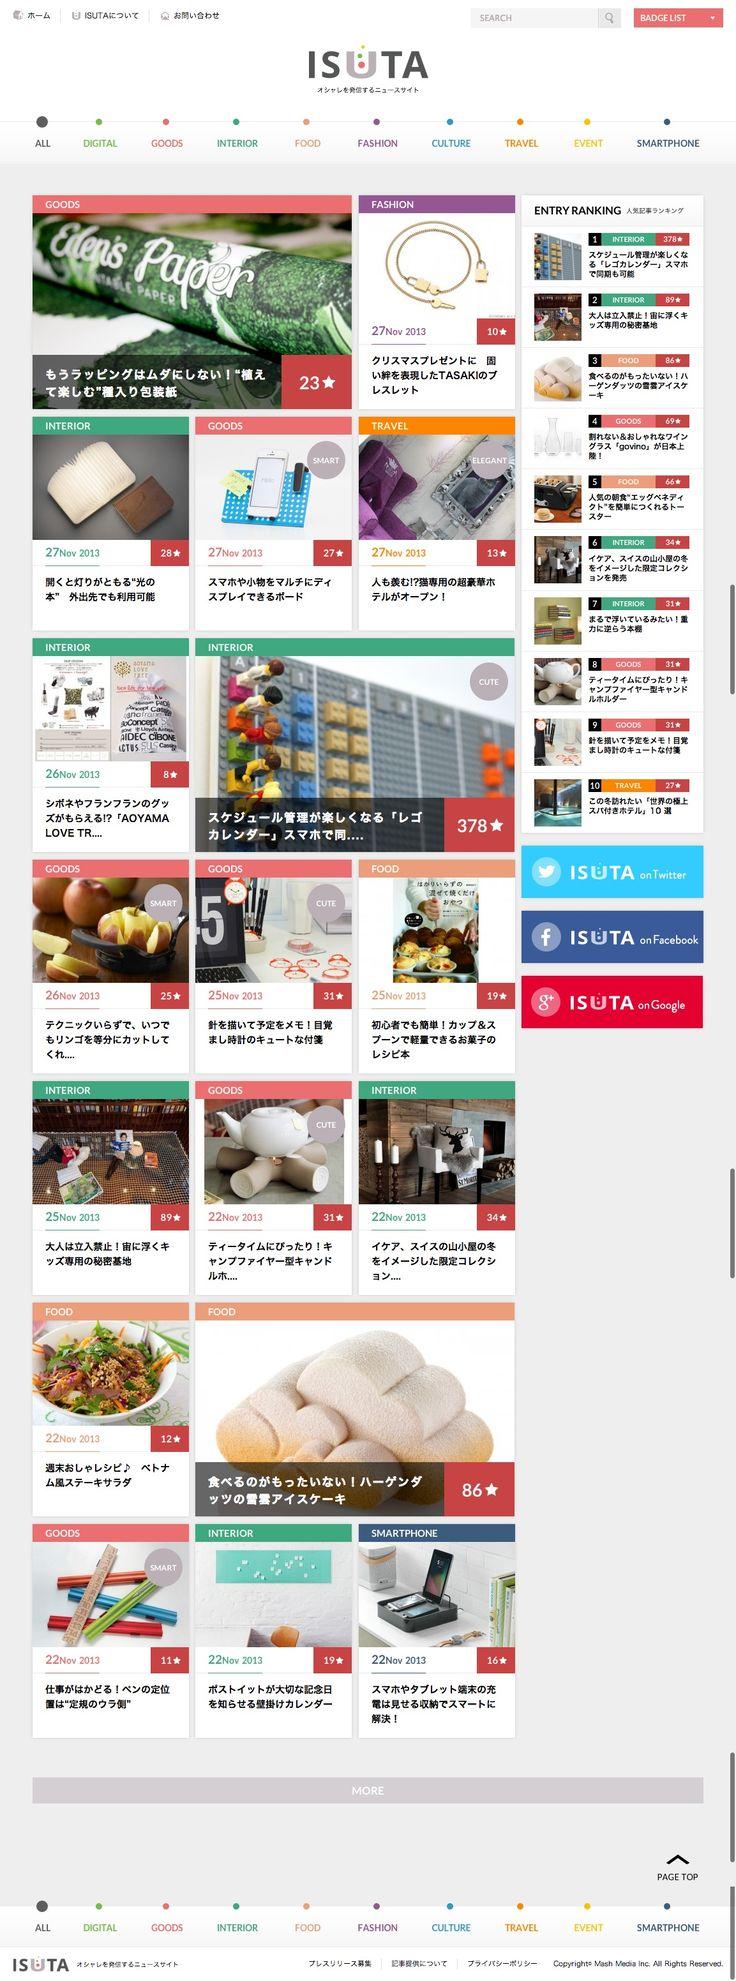 ブログ型ニュースサイトISUTAのウェブサイト。 パステル配色でカラフルに彩られたグリッドデザインが素敵です。 レスポンシブWEBデザインではなく、スマートフォン用のテンプレートを別に用意して切り替えているようです。 自 …